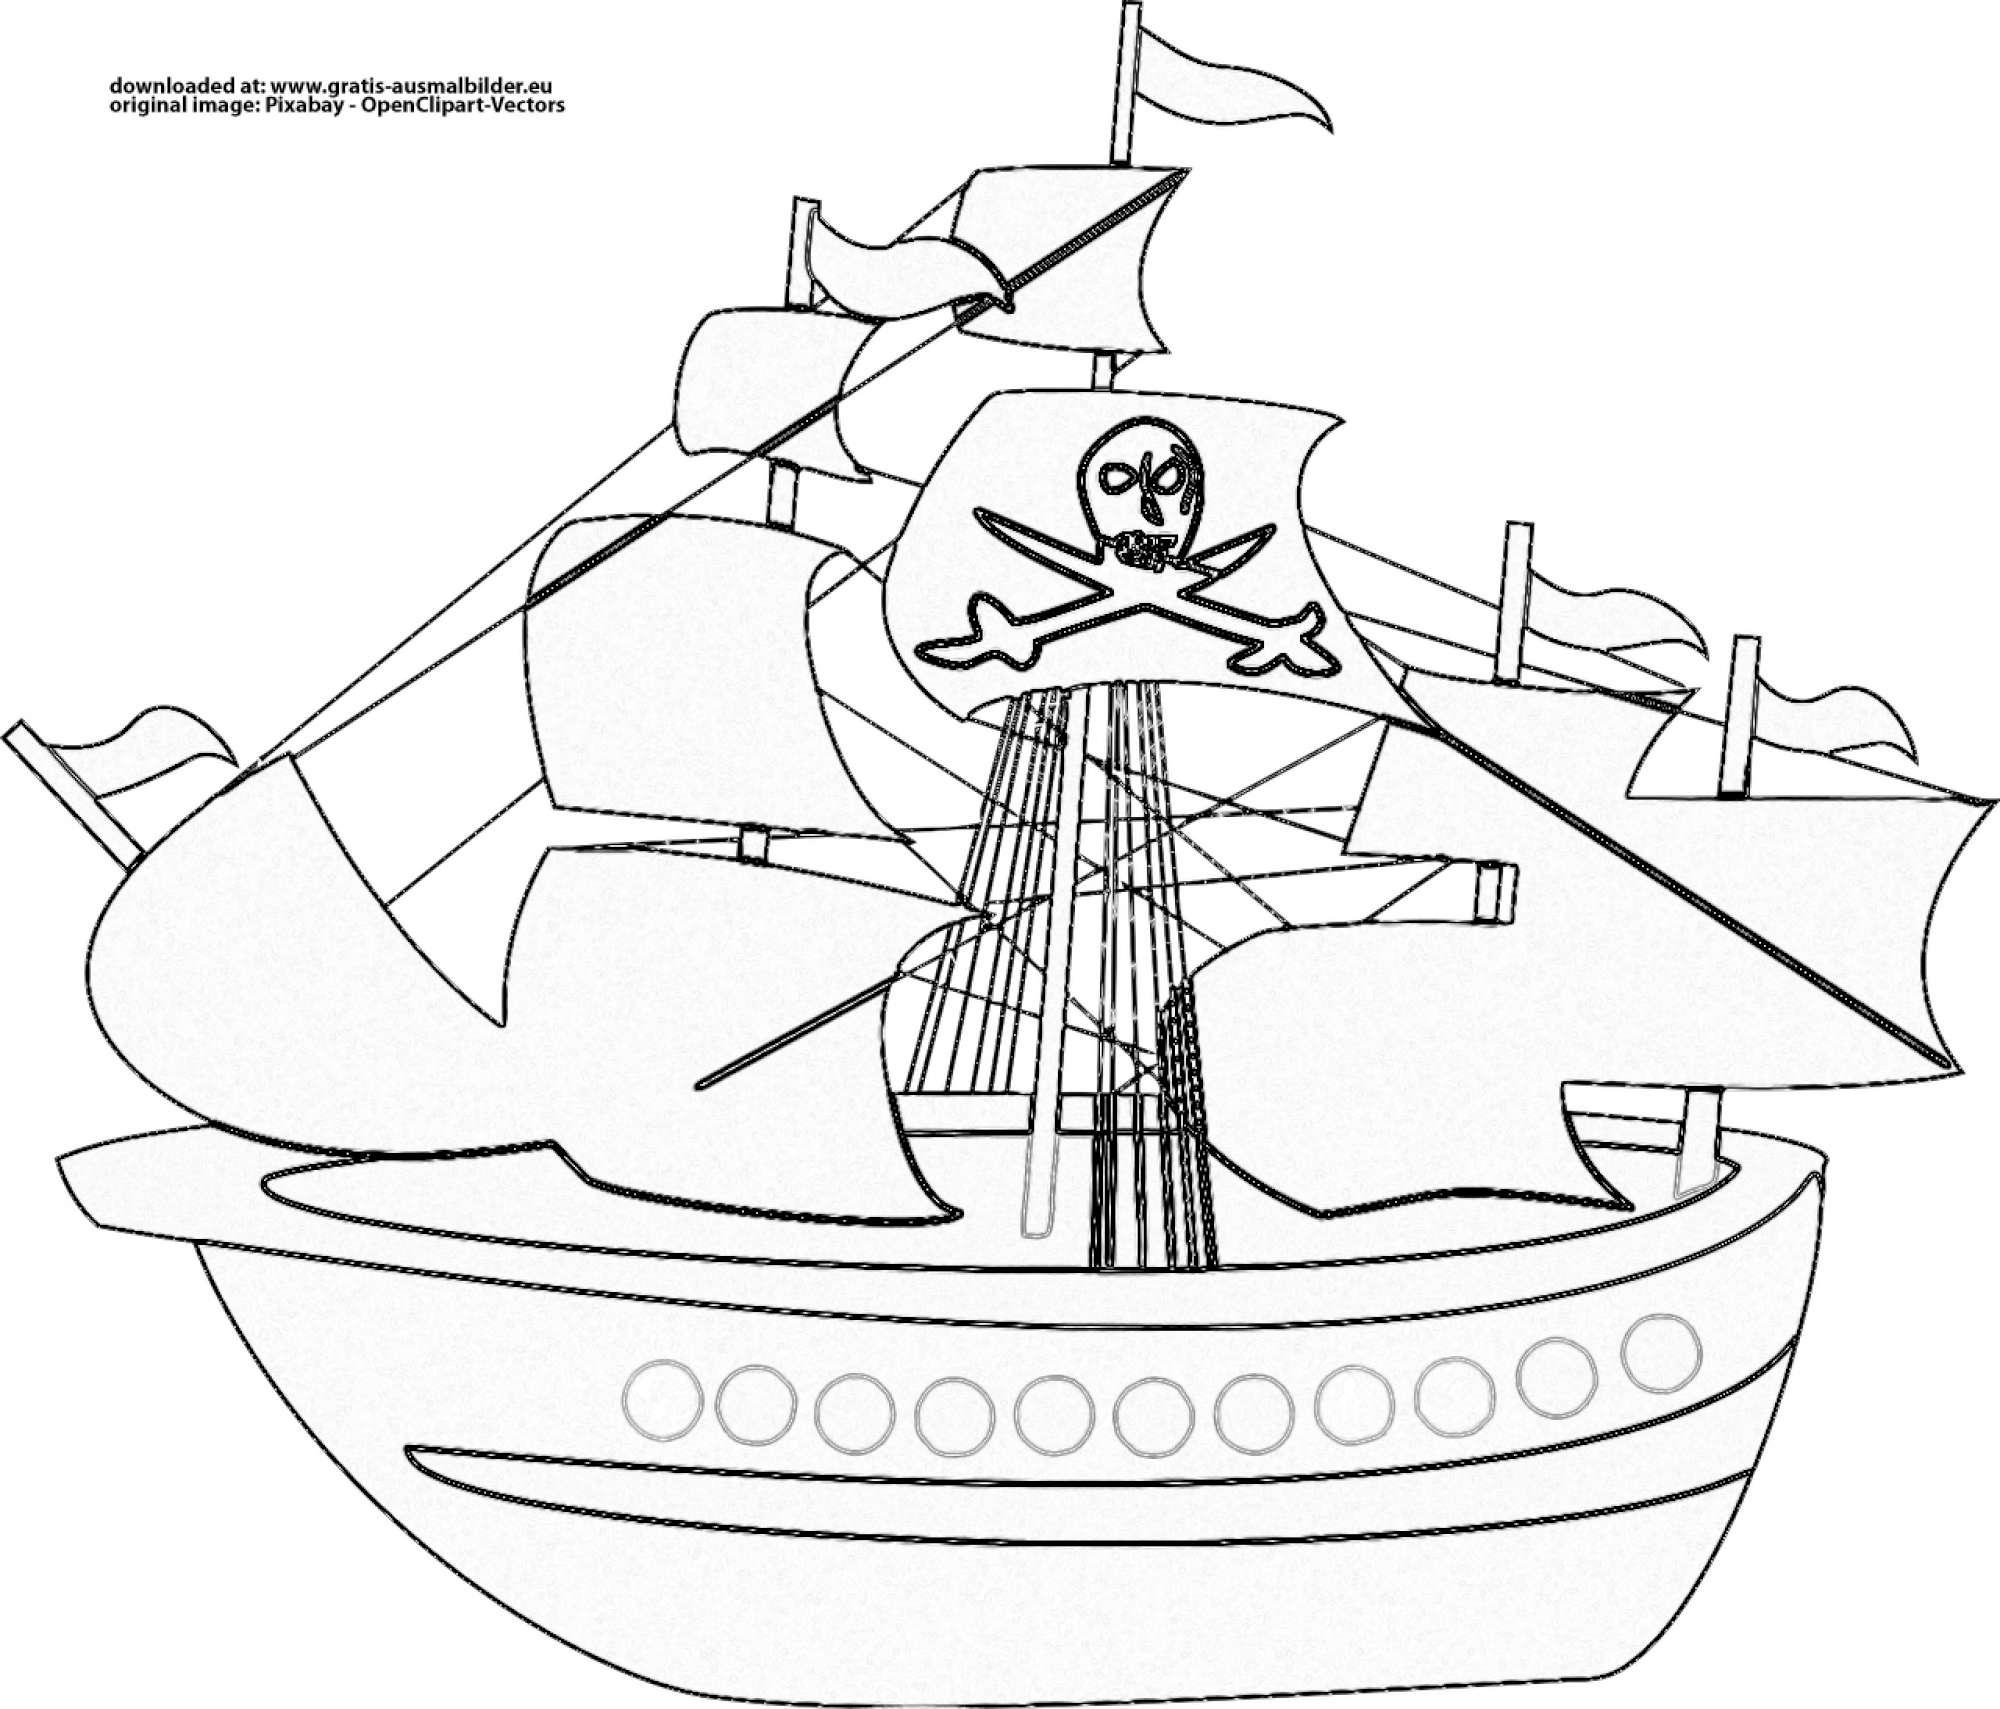 ▷ Piratenschiff - Gratis Ausmalbild verwandt mit Malvorlage Piratenschiff